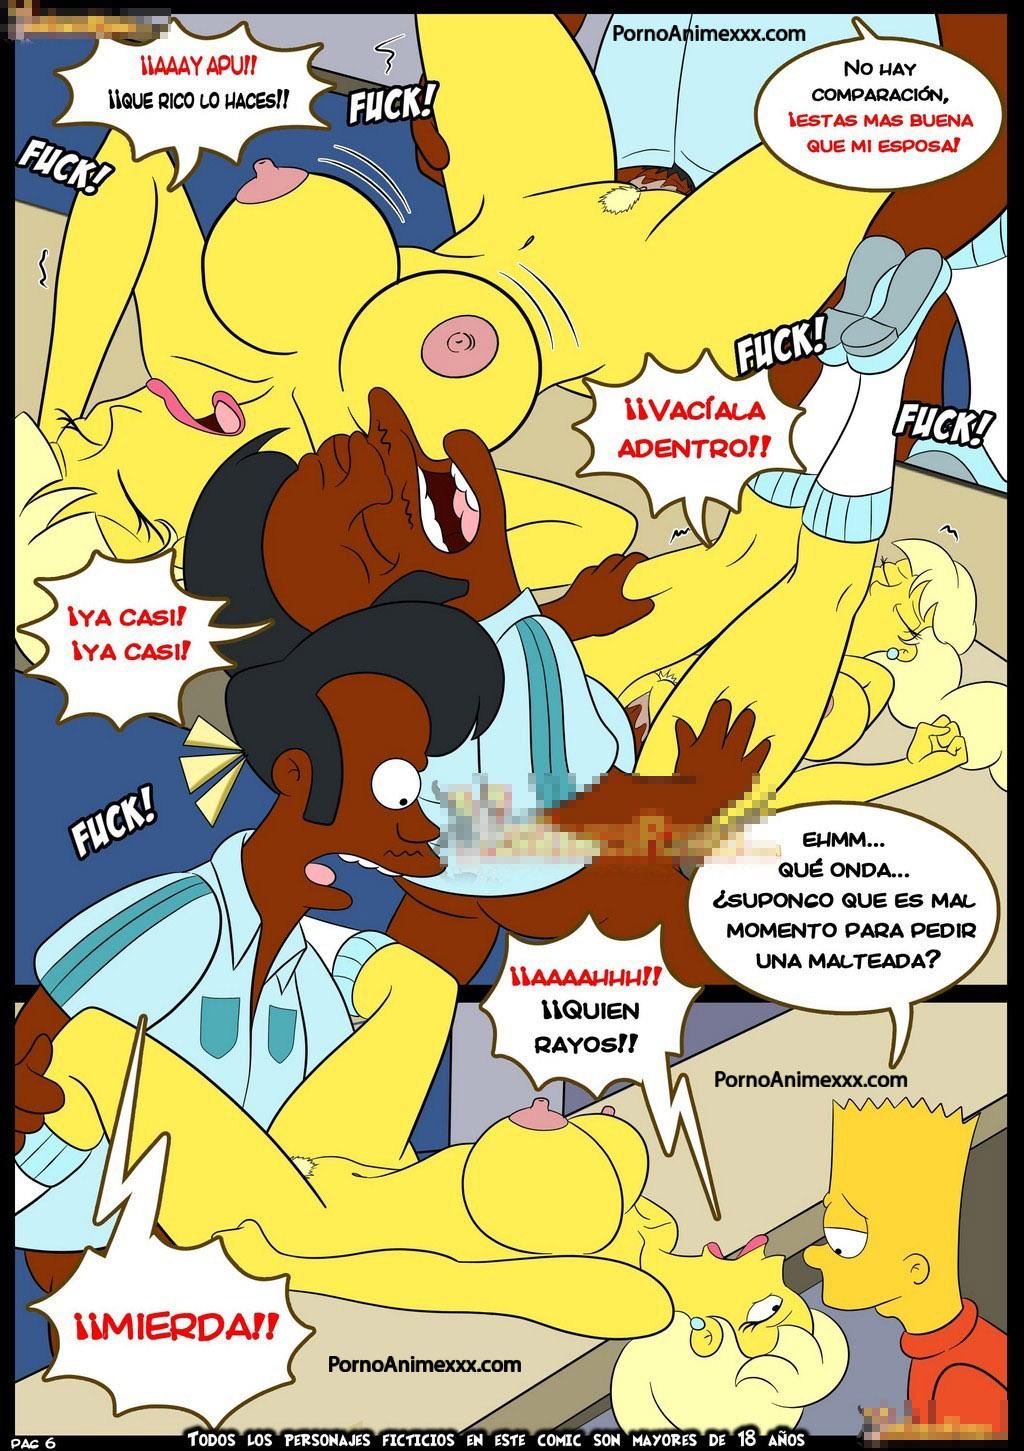 Los Simpson Porno sin censura - Los Simpson xxx - Bart y Lisa porno - Marge sexo